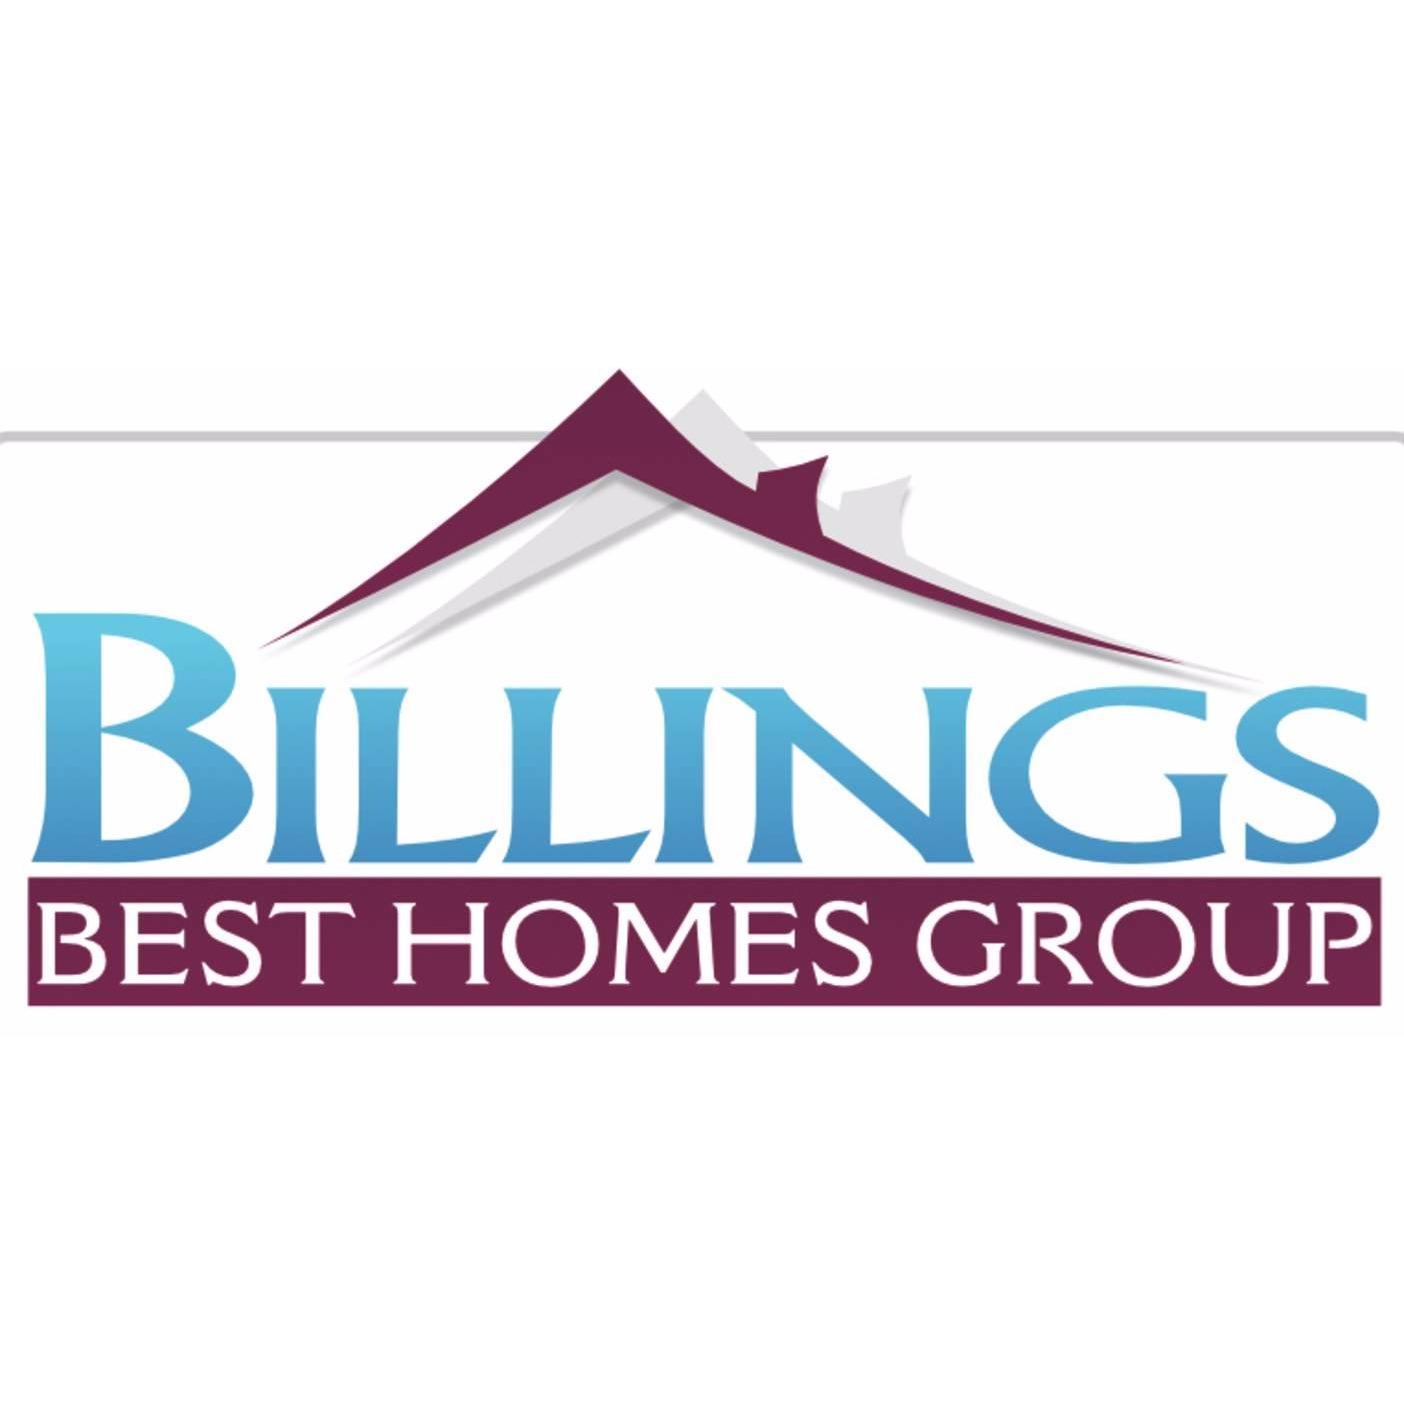 Billings Best Homes Group